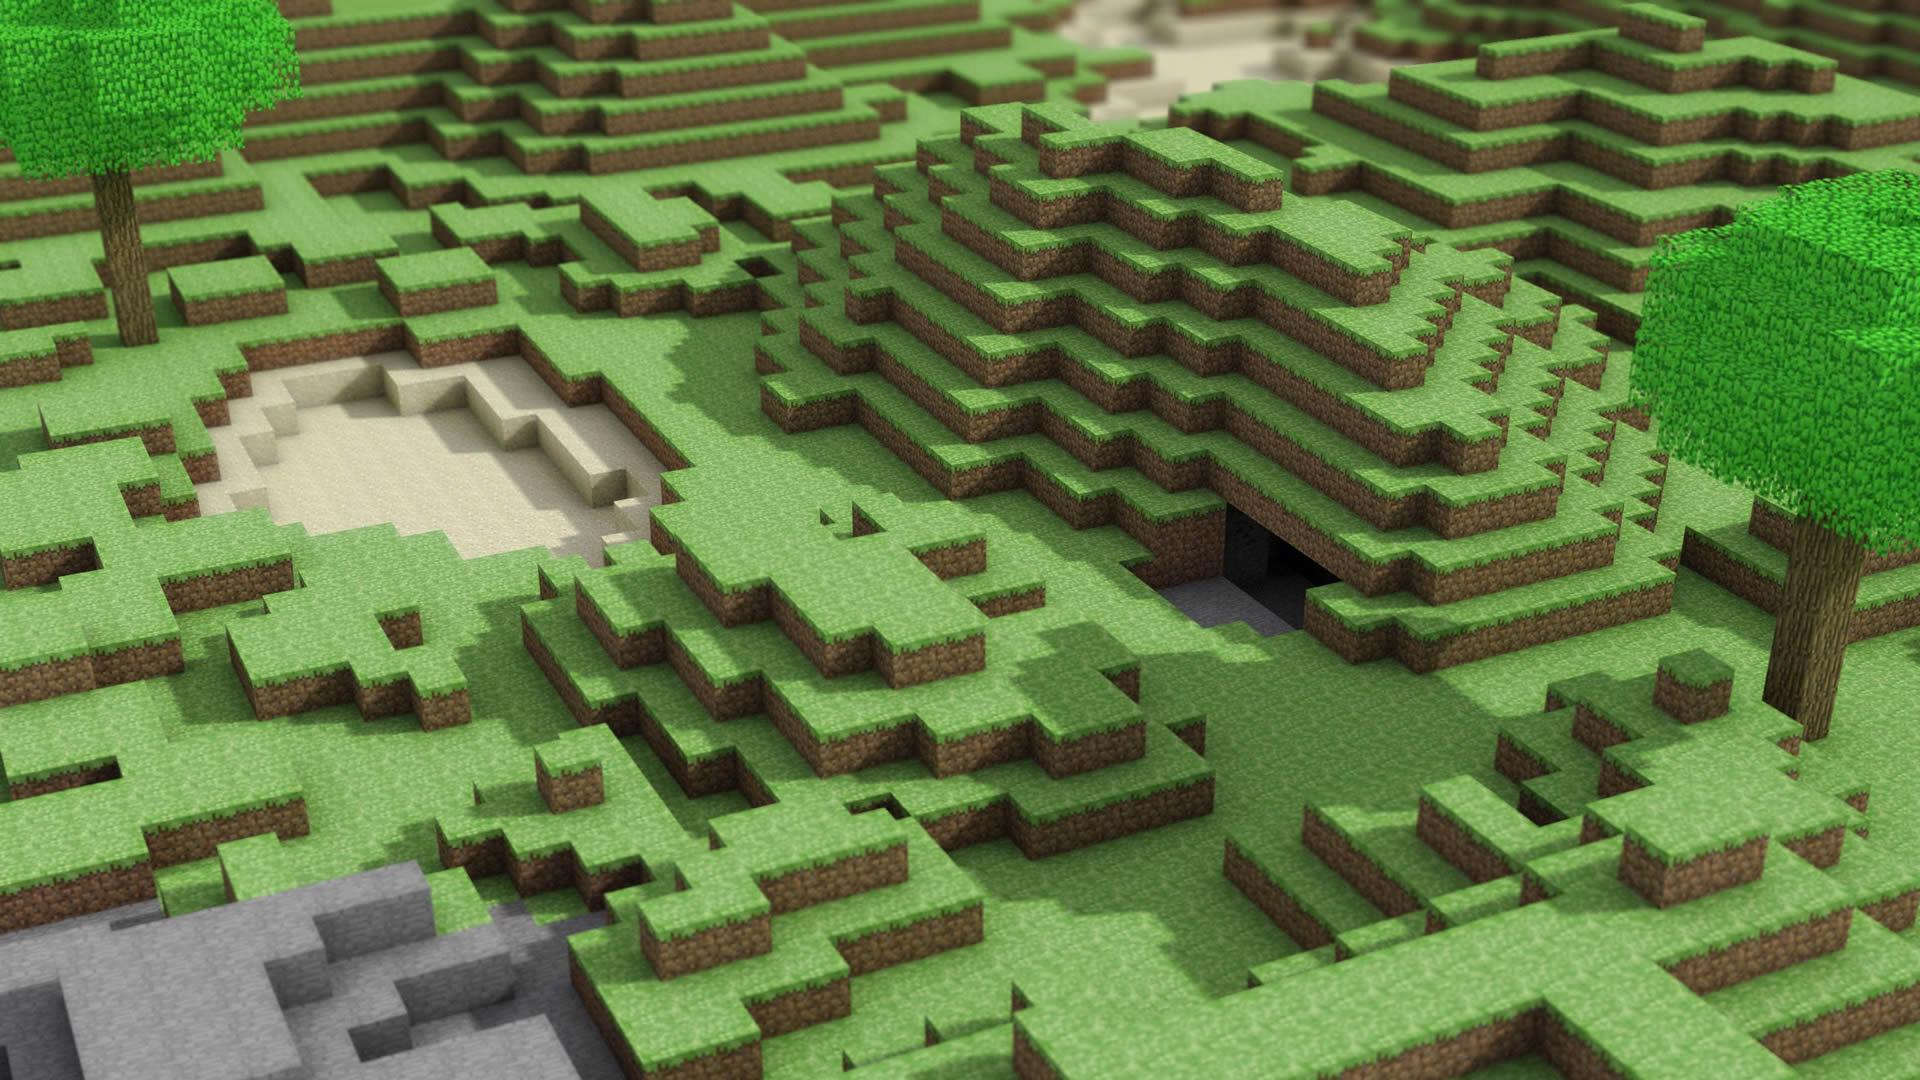 Minecraft HD Wallpaper | Background